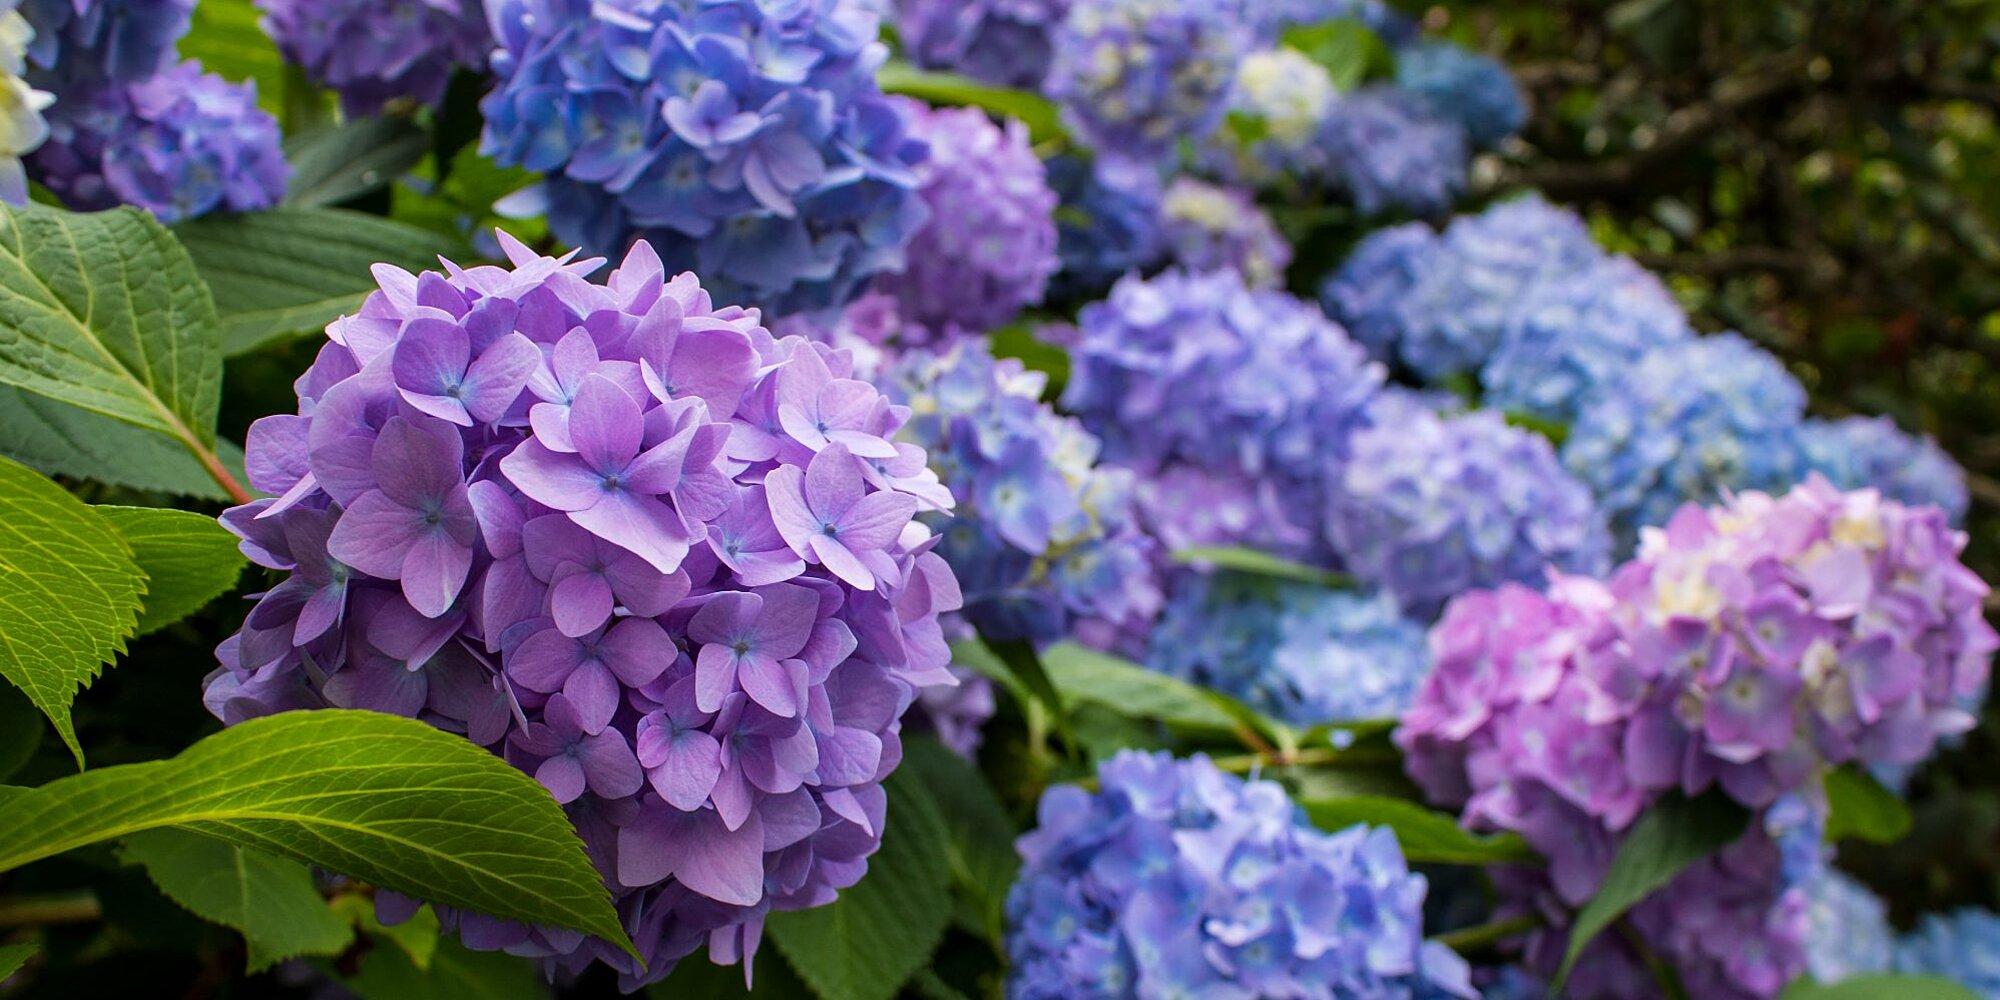 Những sai lầm dễ gặp phải khi trồng hoa cẩm tú cầu - Ảnh 2.